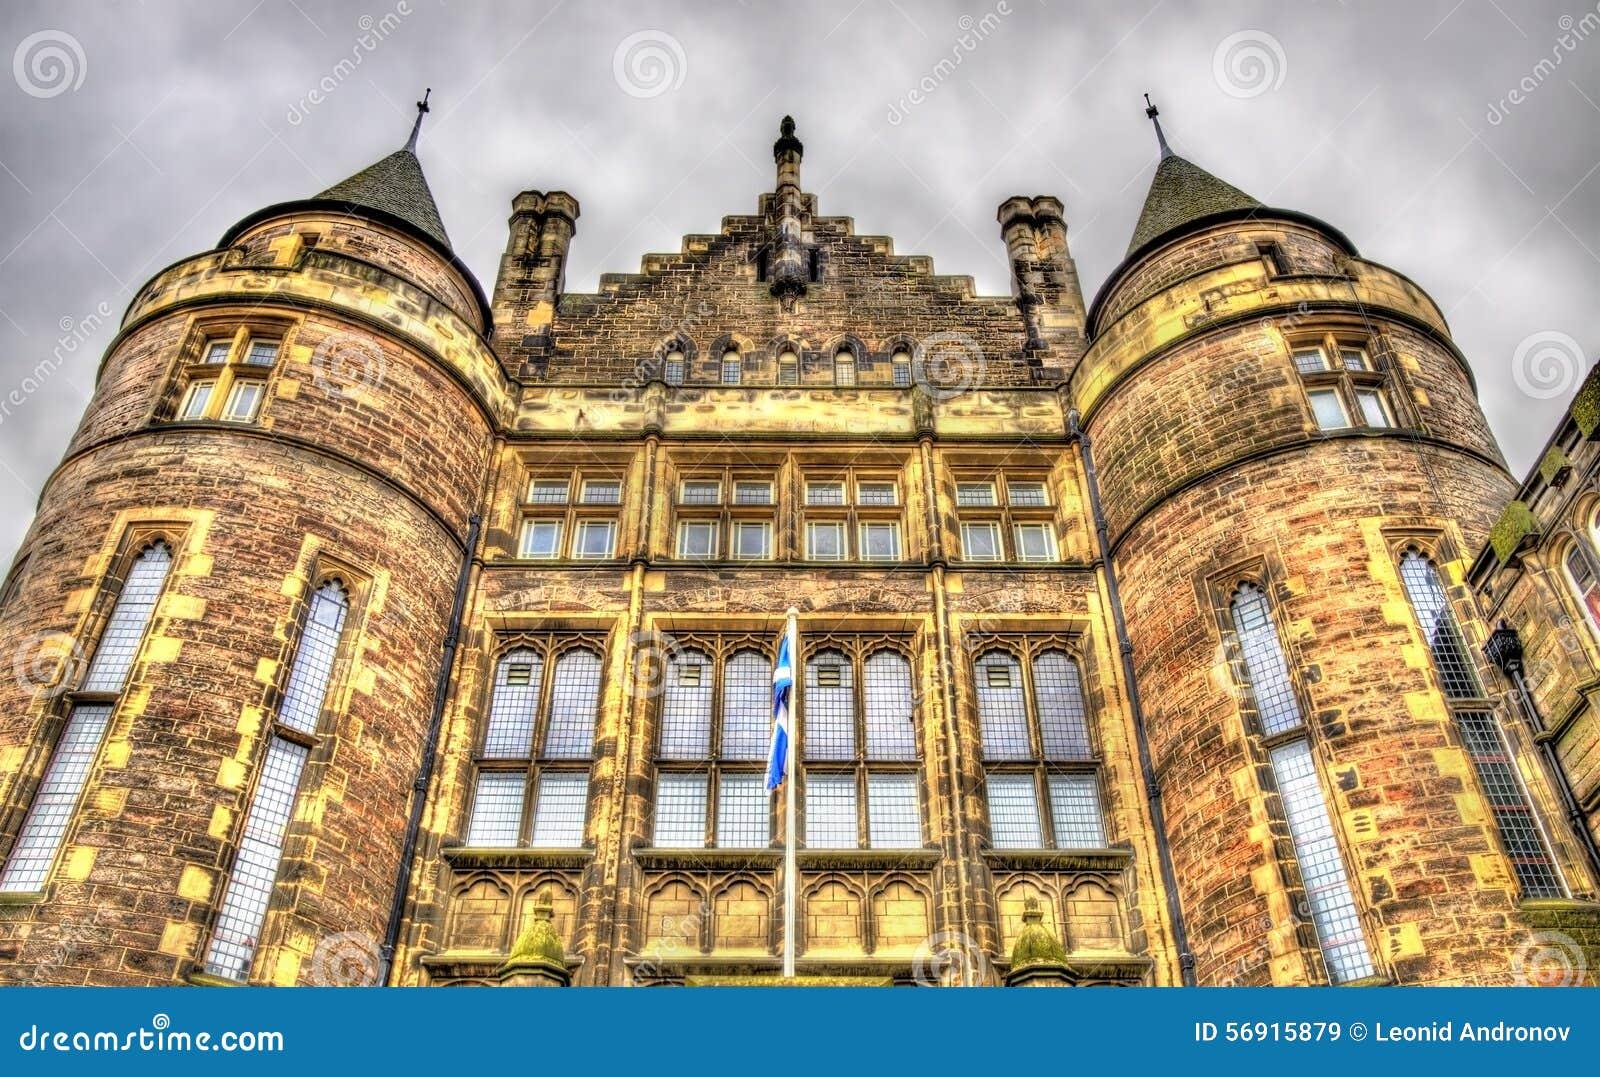 Σπίτι υπόλοιπου κόσμου Teviot στο Εδιμβούργο